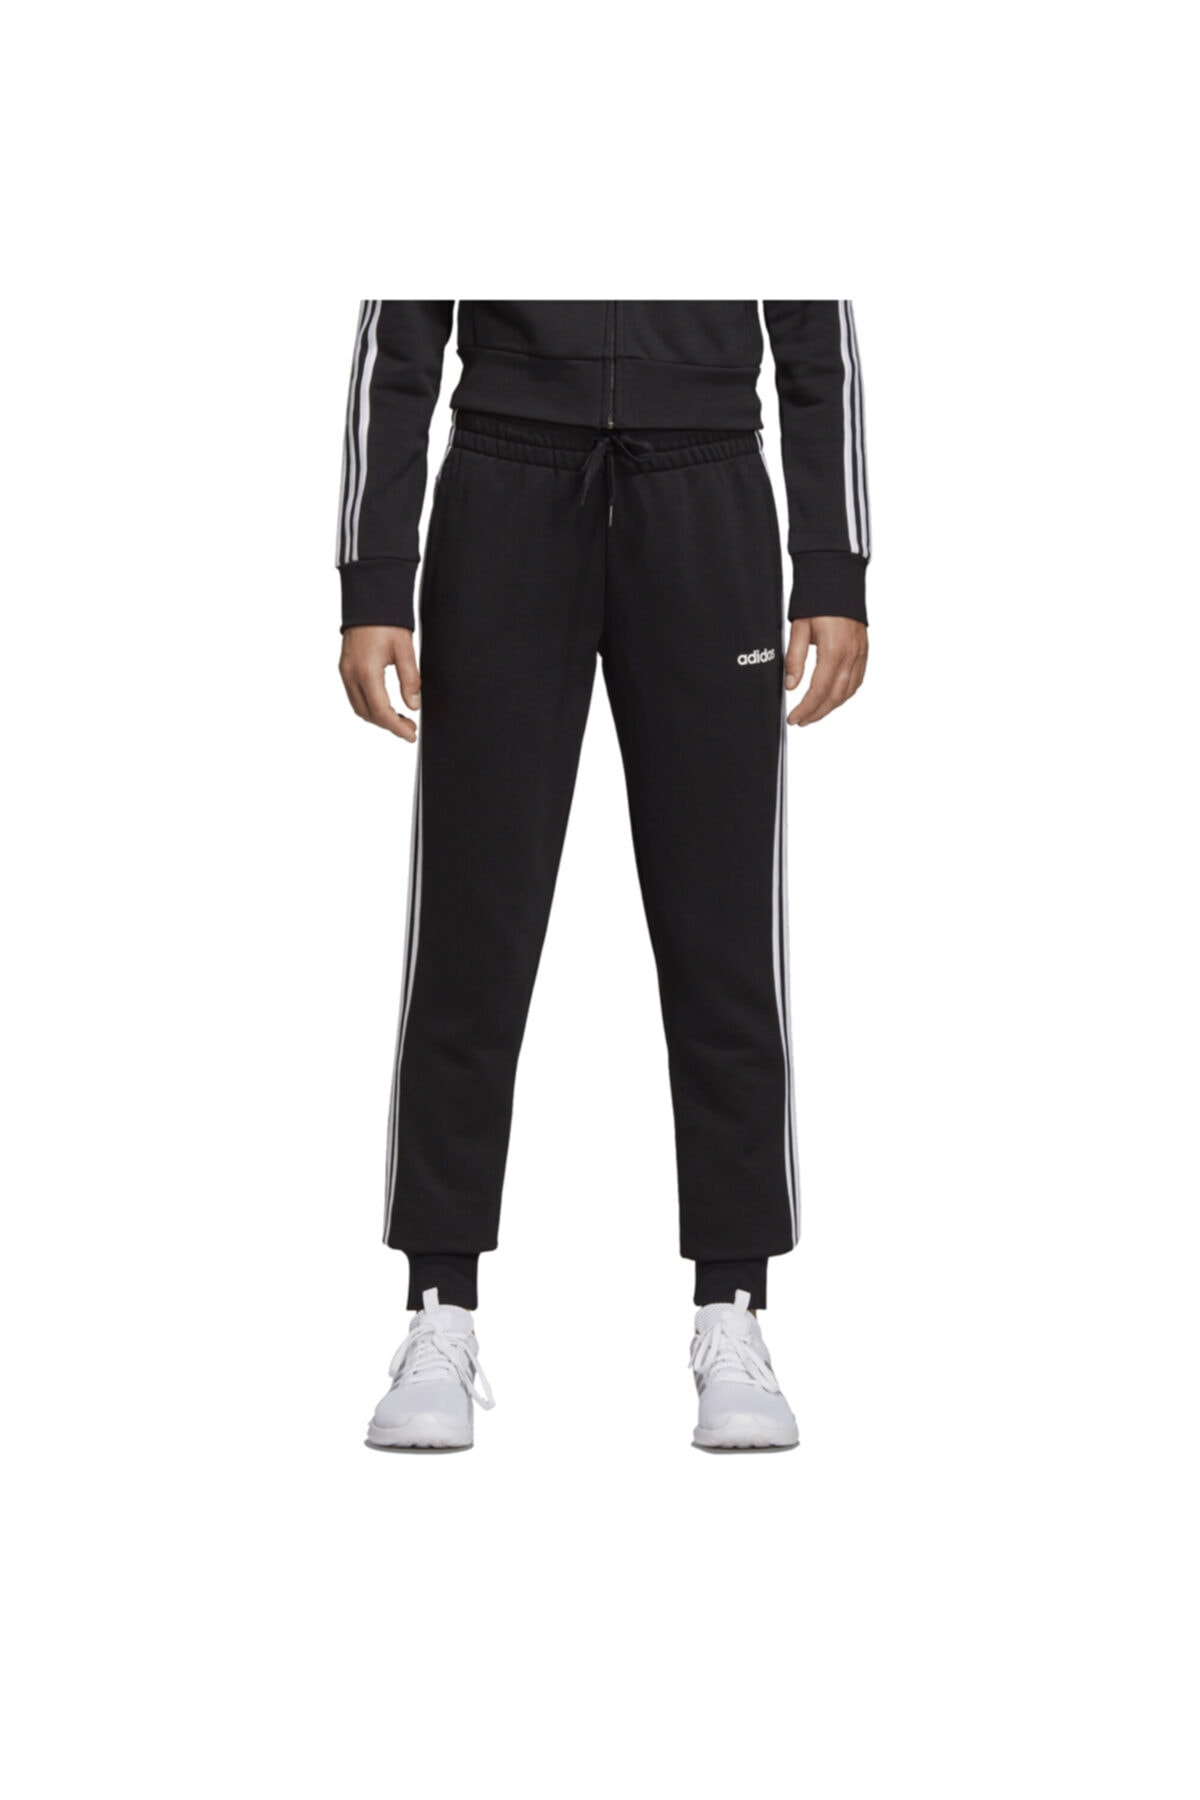 adidas Kadın Siyah Eşofman Altı 1